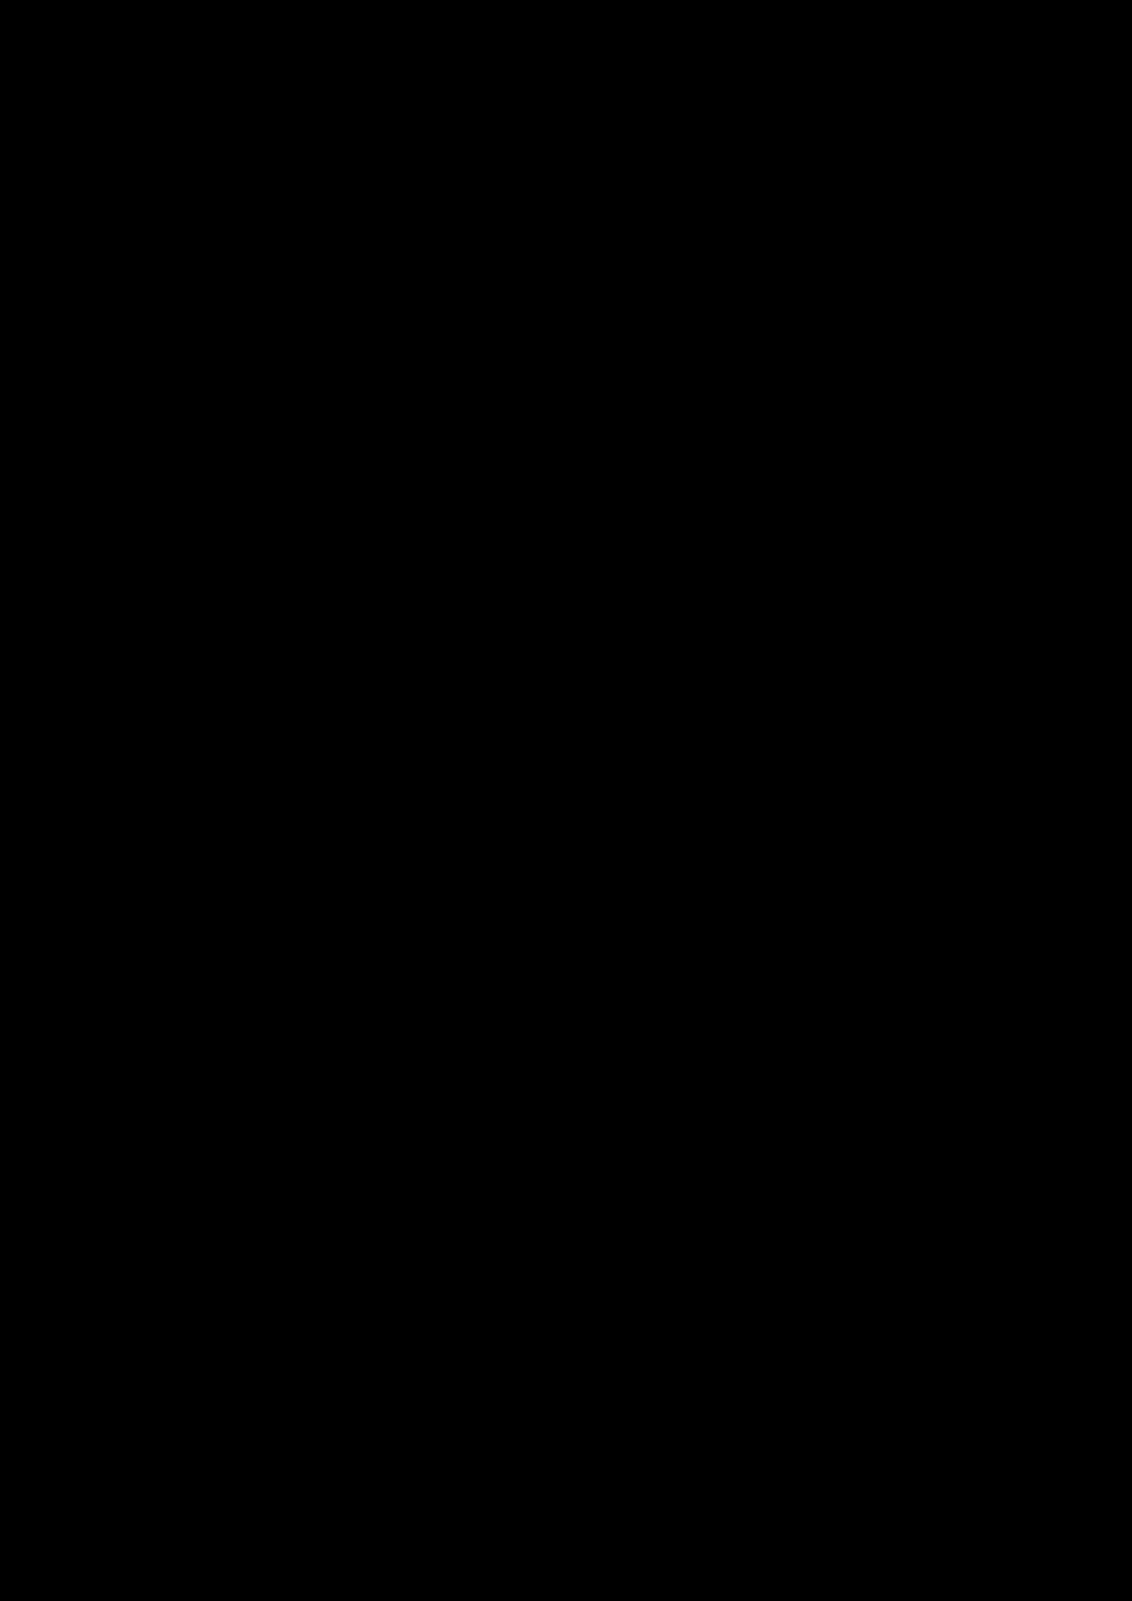 Zagadka volshebnoy stranyi slide, Image 17